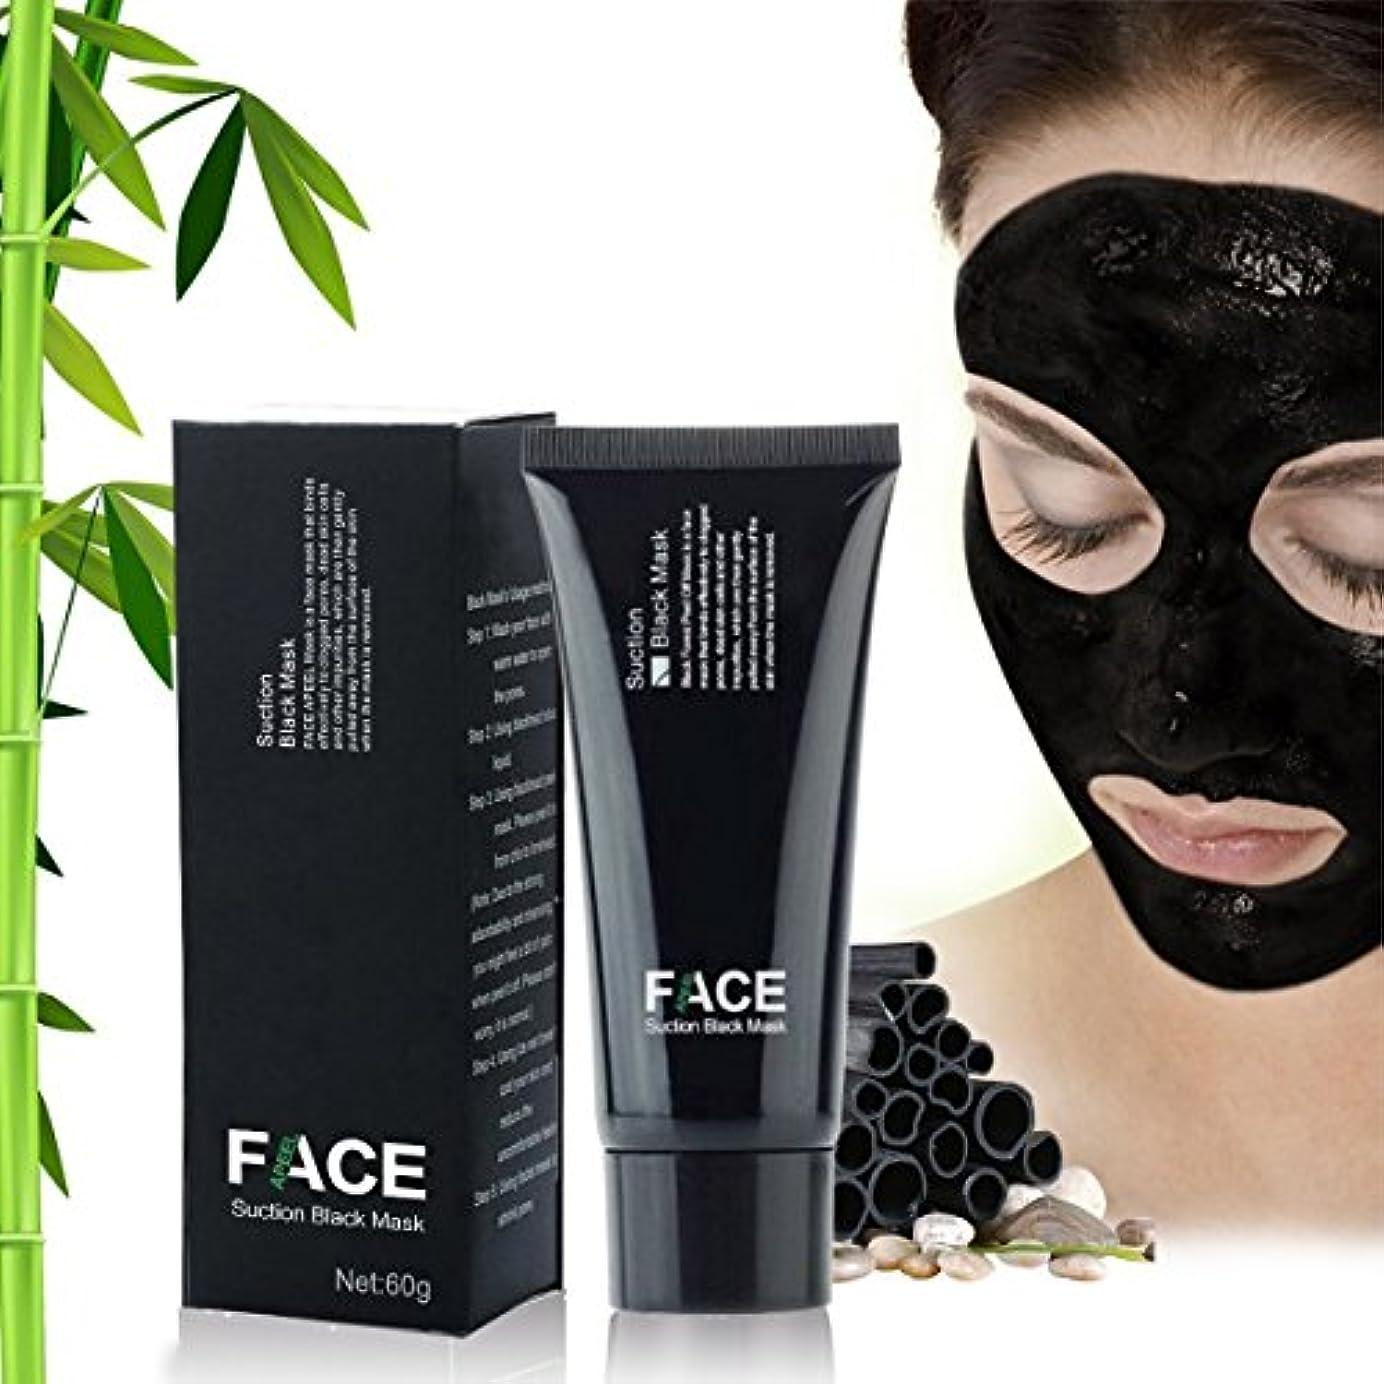 正しく年齢議論するFace Apeel Blackhead Remover - Peel-off Mask for Men and Women - Deep Cleans Better than Pore Strips for Instantly